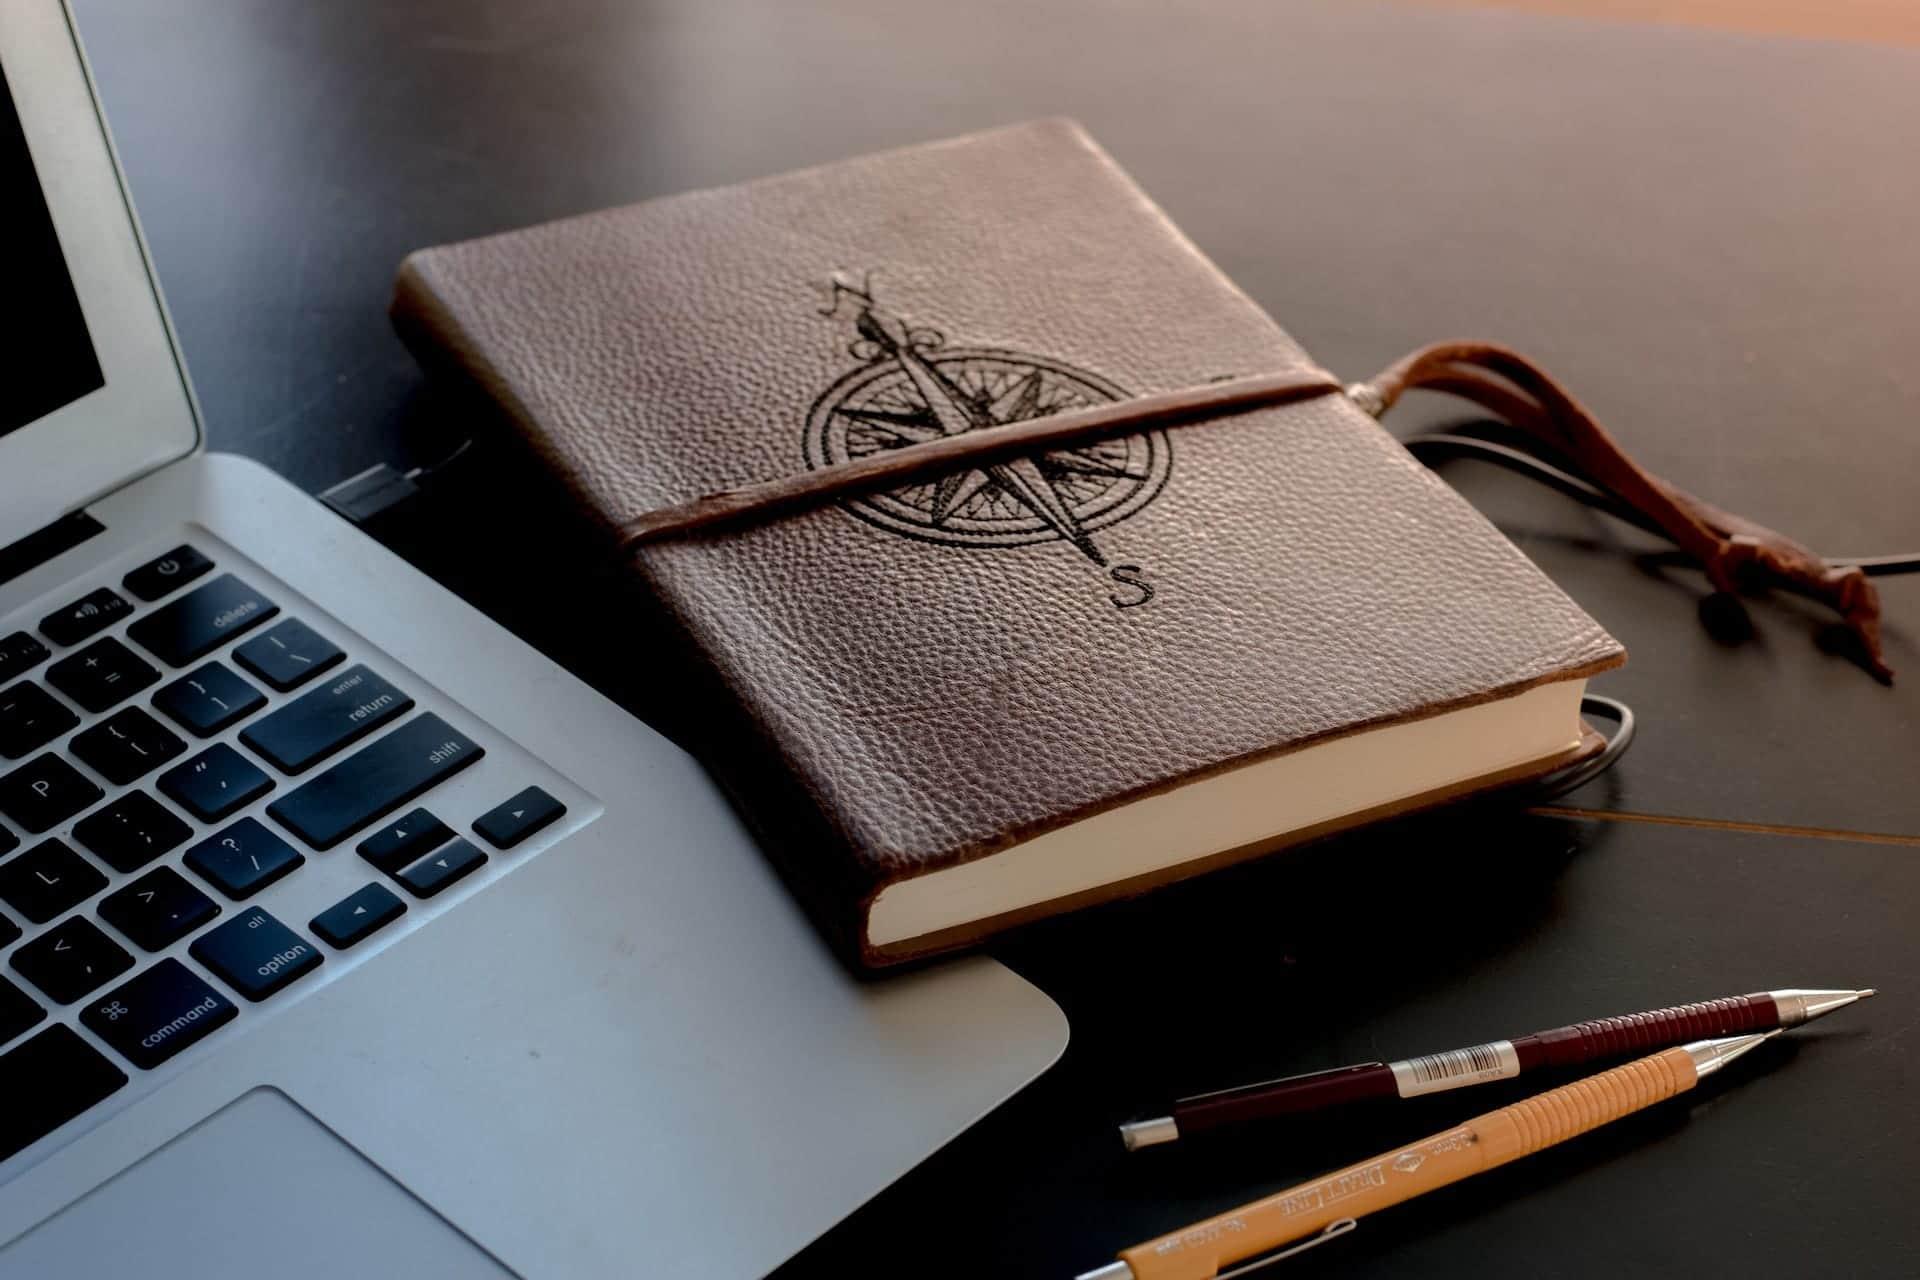 Laptop und ledernes Notizbuch mit Kompassaprägung sowie zwei Bleistiften